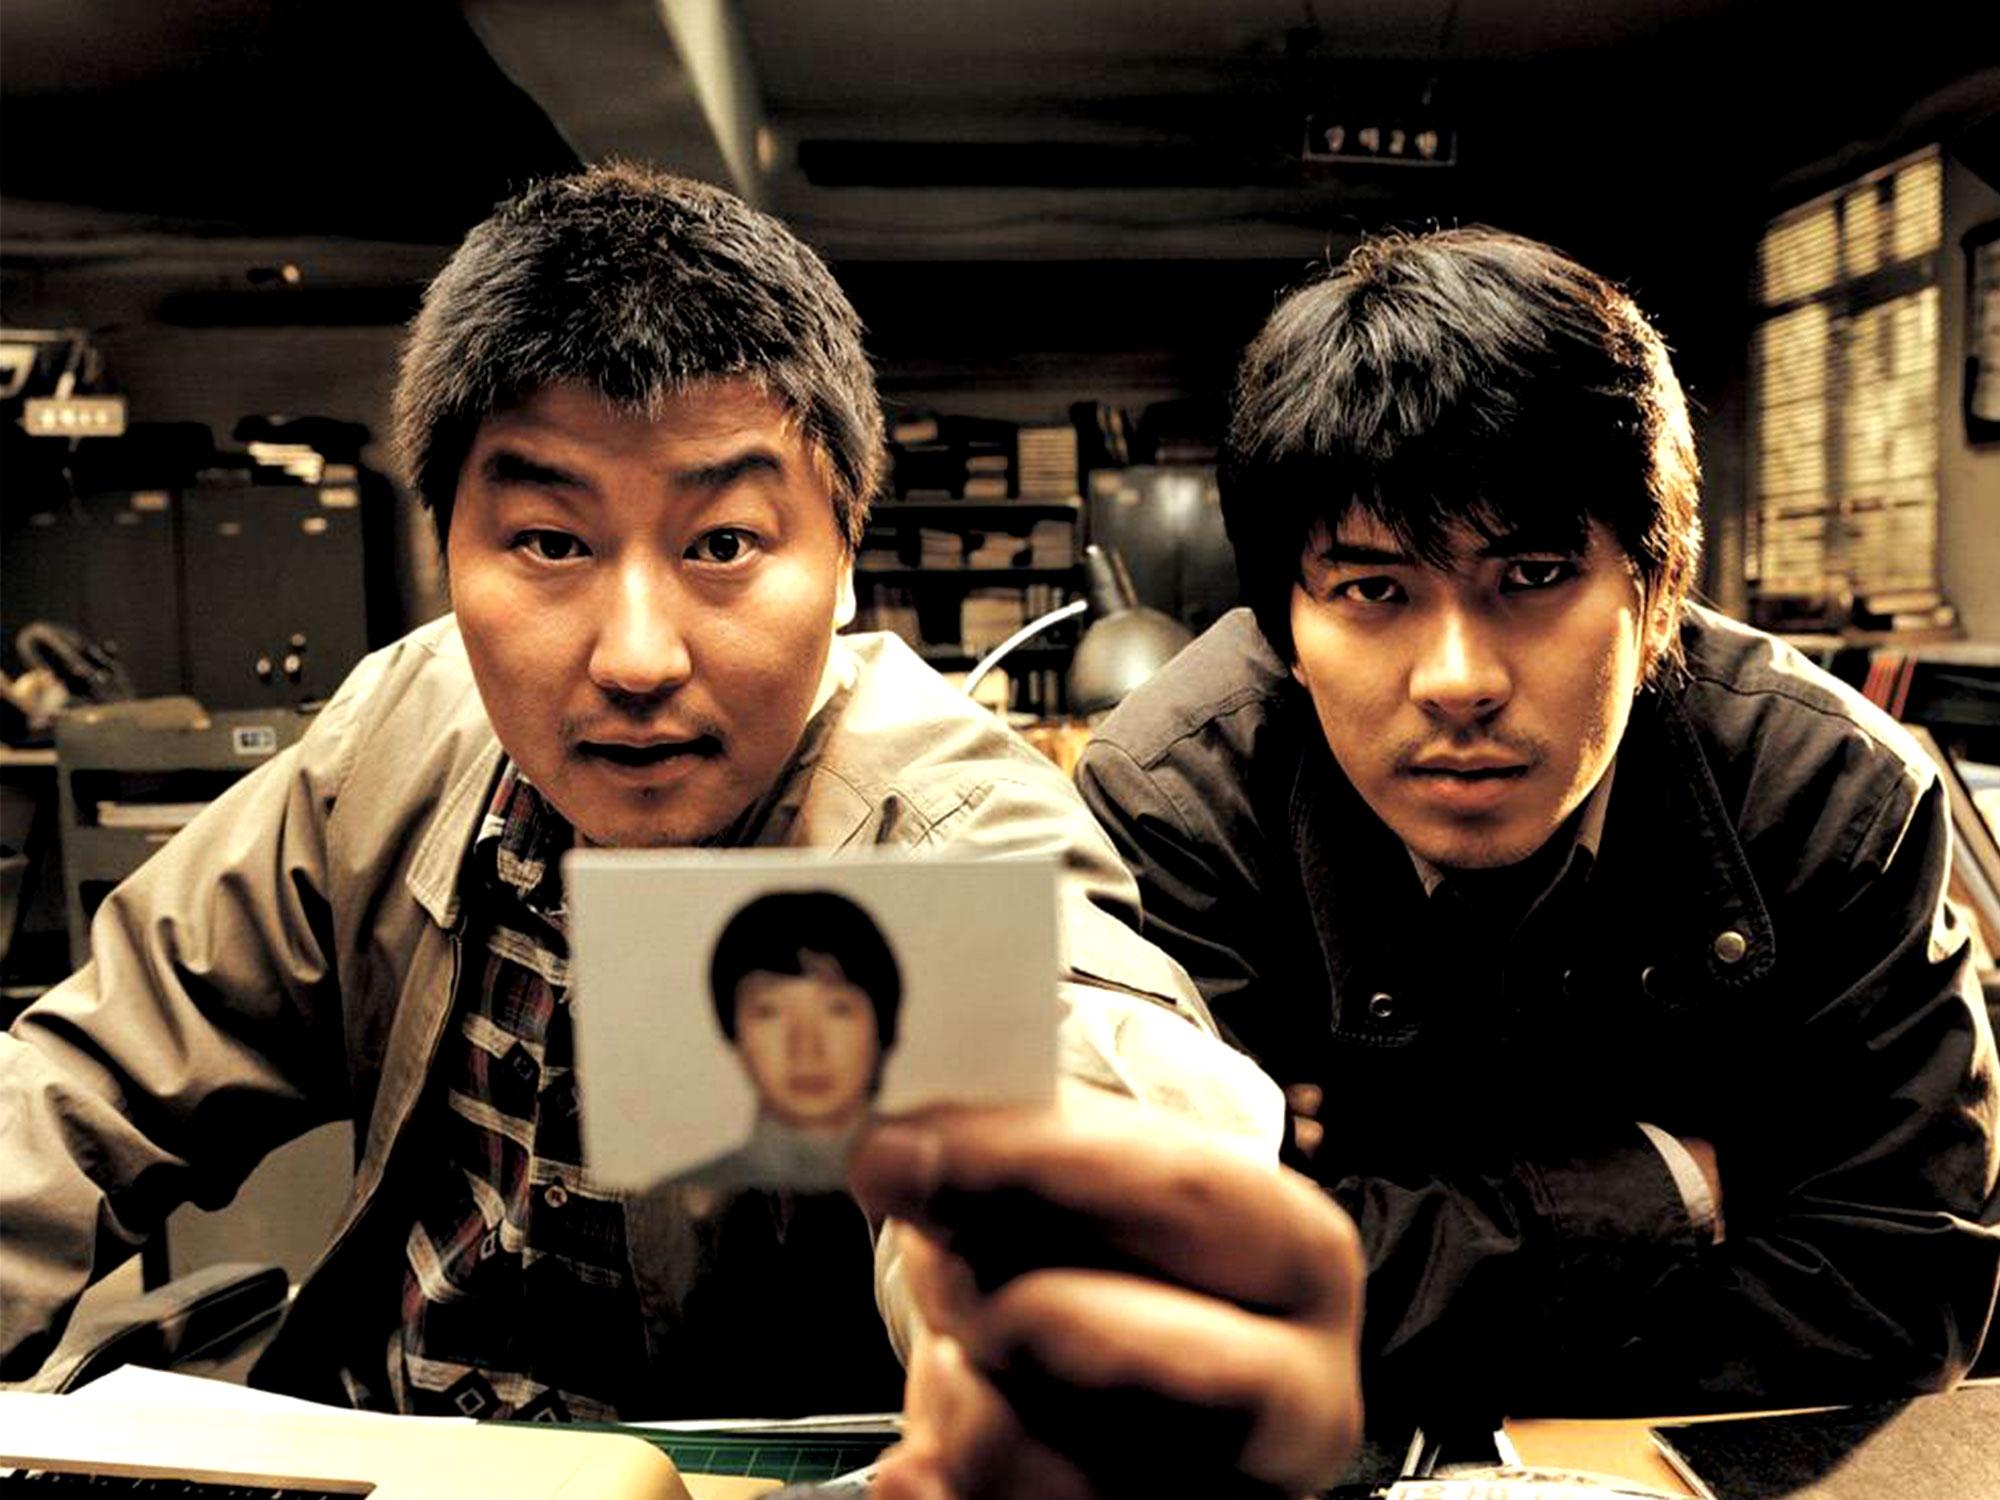 Phim Ký ức về kẻ giết người (2003)